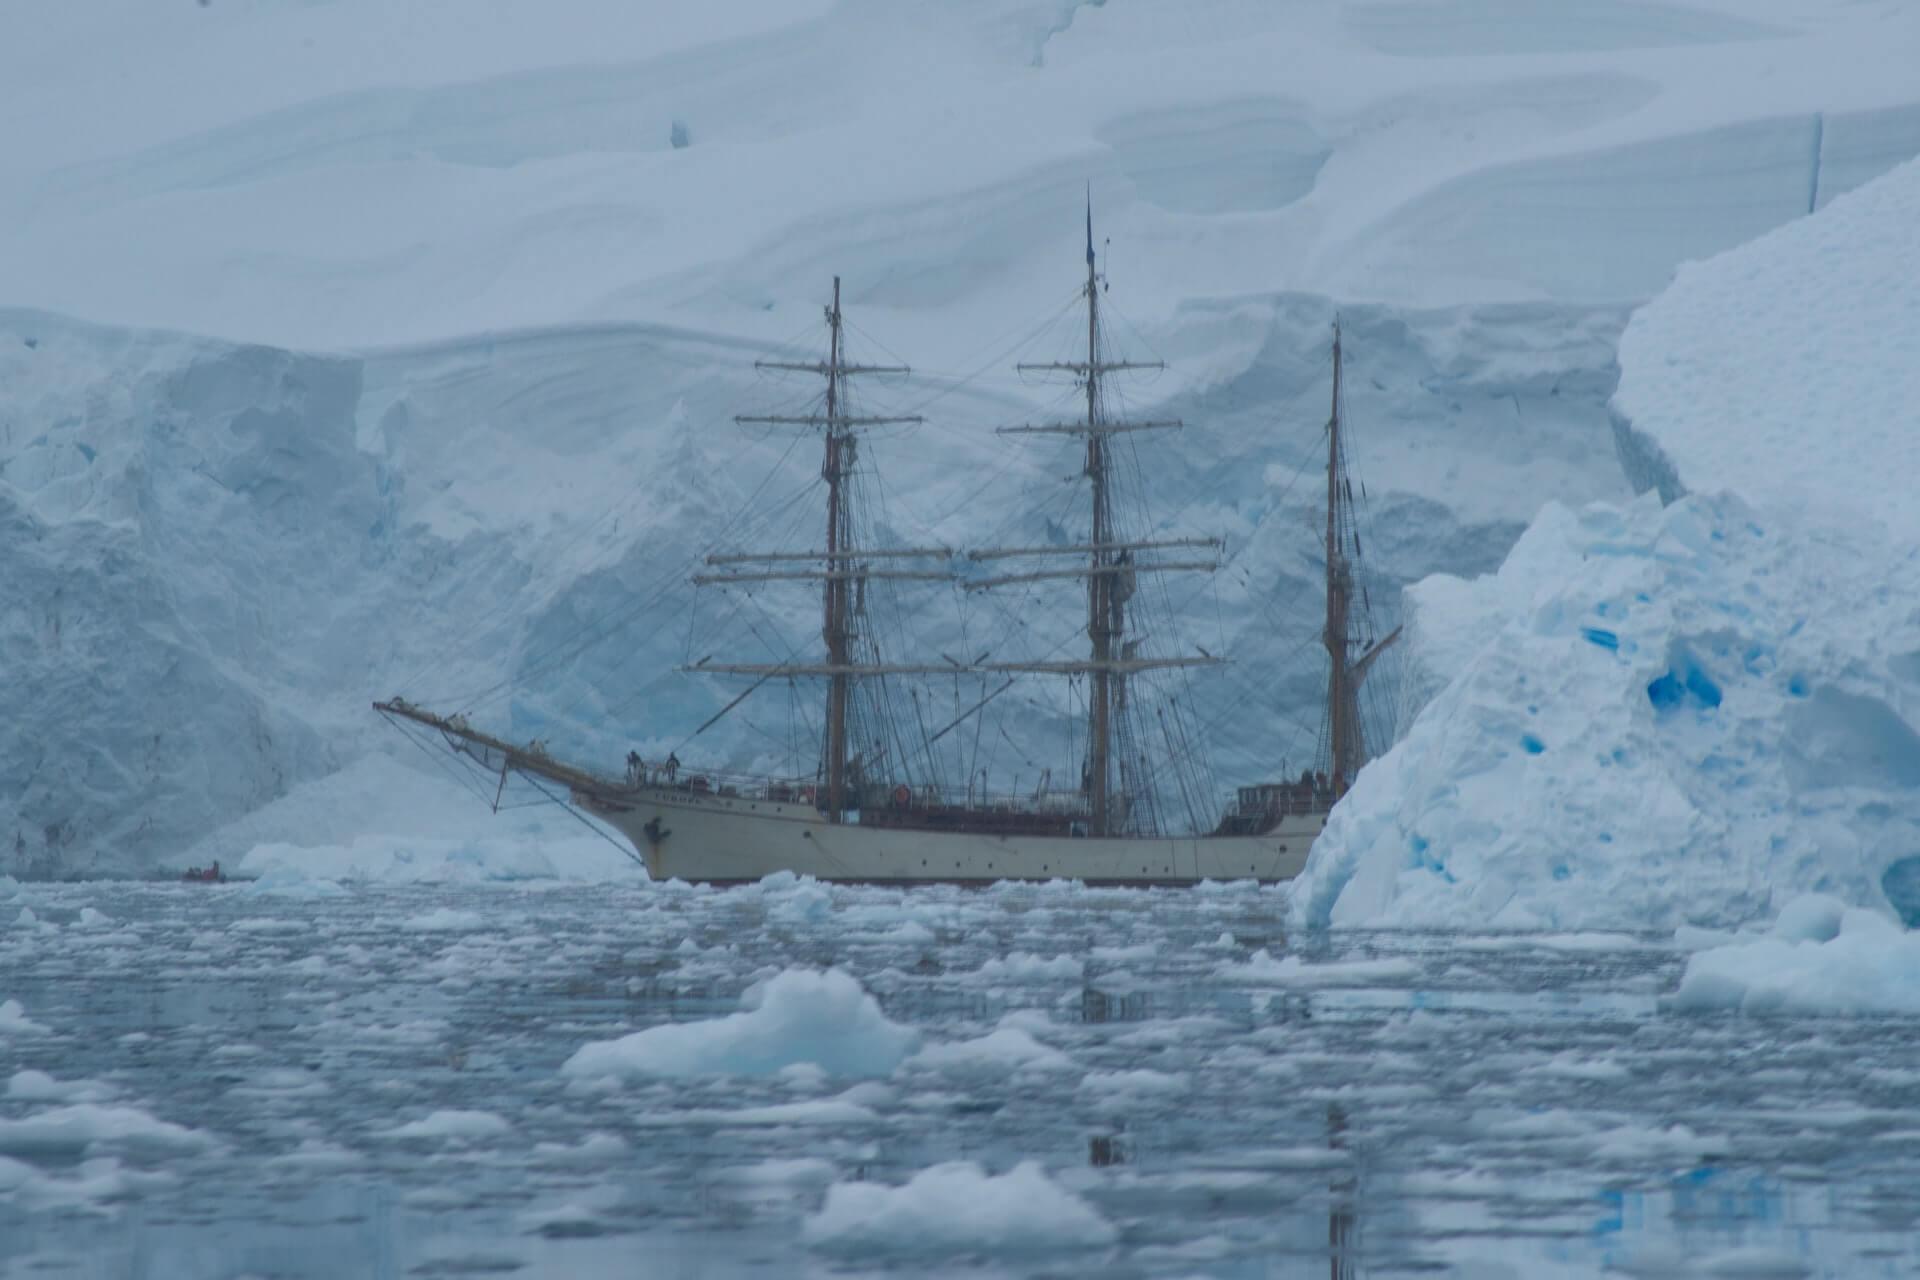 Sir Ernest Shackleton: An Inspiration, Sir Ernest Shackleton: An Inspiration